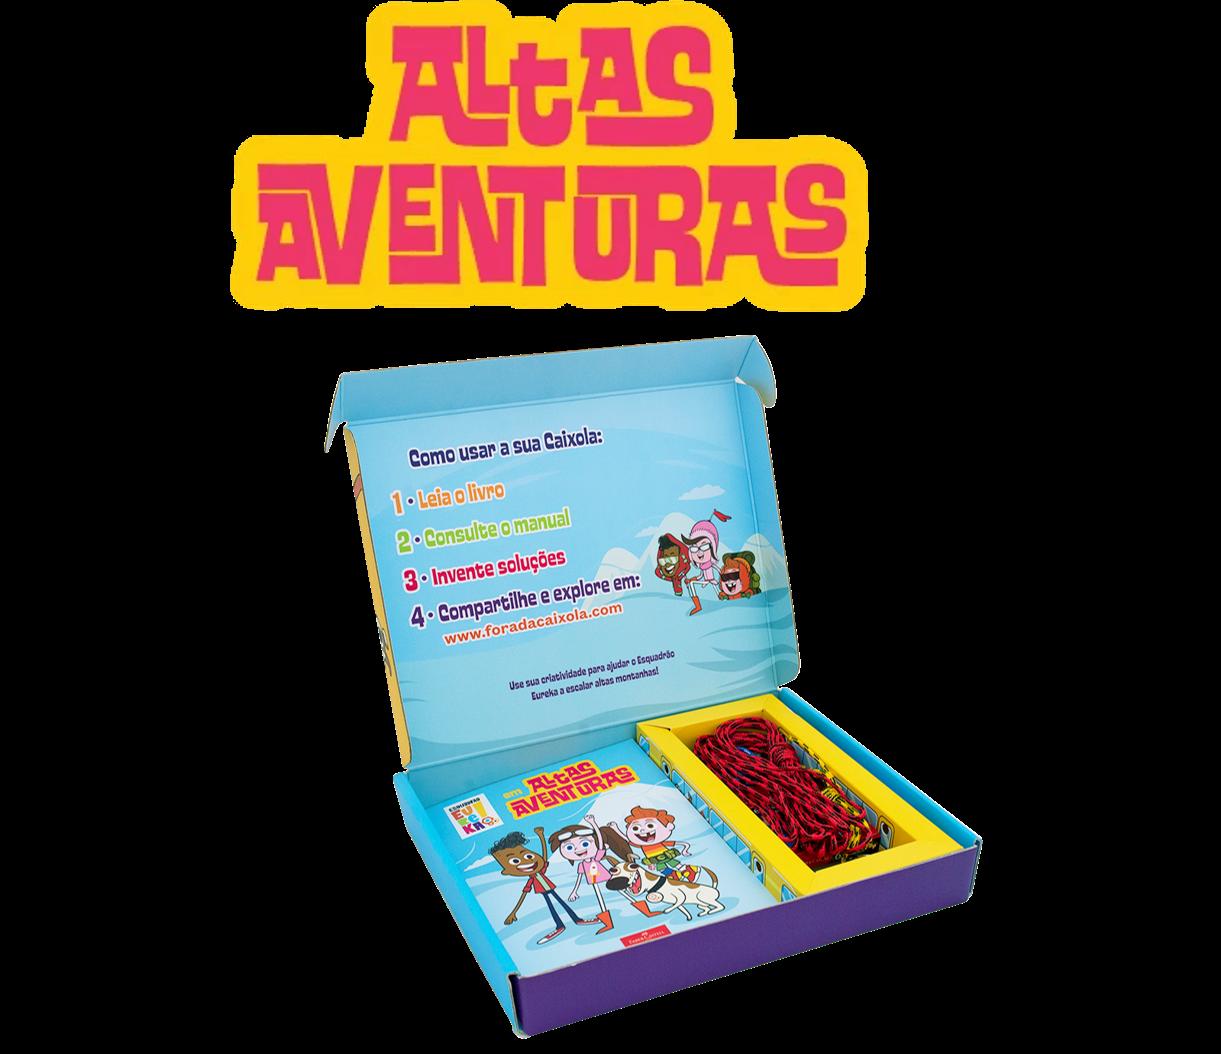 Altas aventuras e o atlas mais completo do mundo